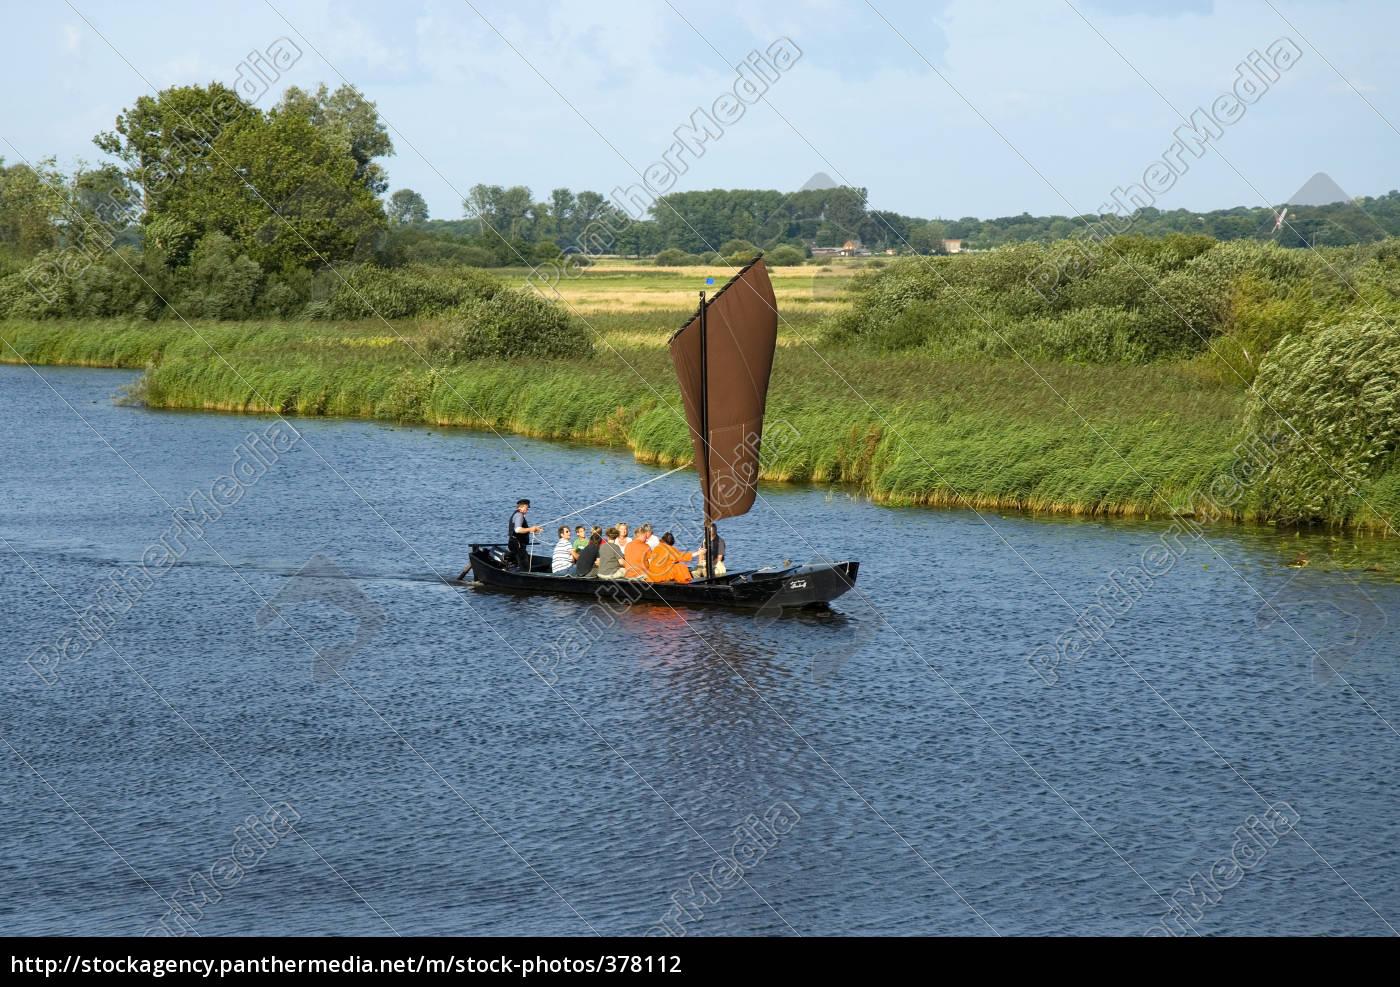 moor, boat, trip - 378112